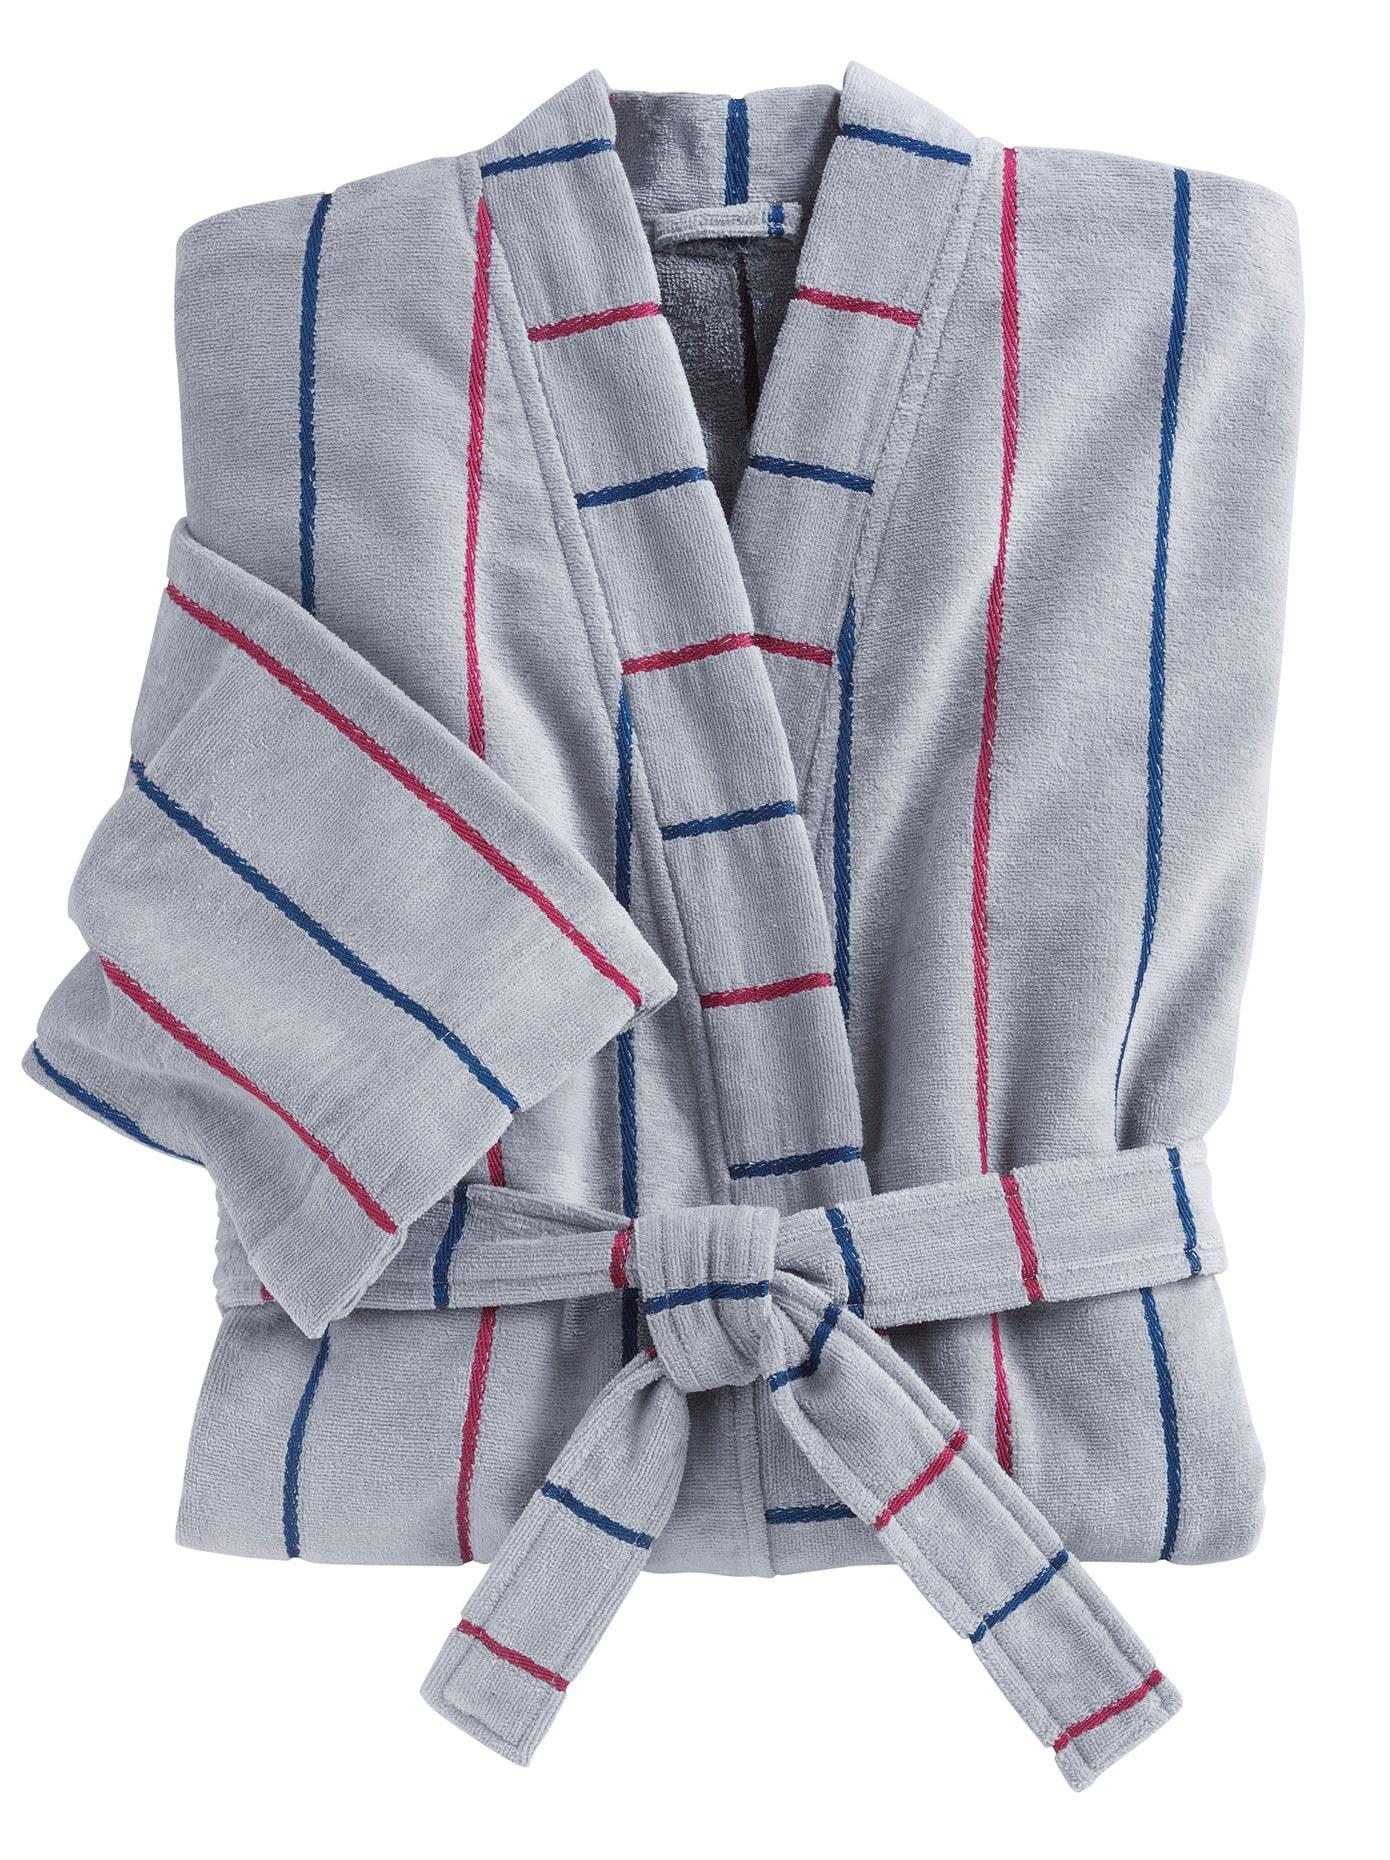 Bademantel Gamma Länge ca 130 cm | Bekleidung > Wäsche > Bademäntel | Grau | Velours | Gamma